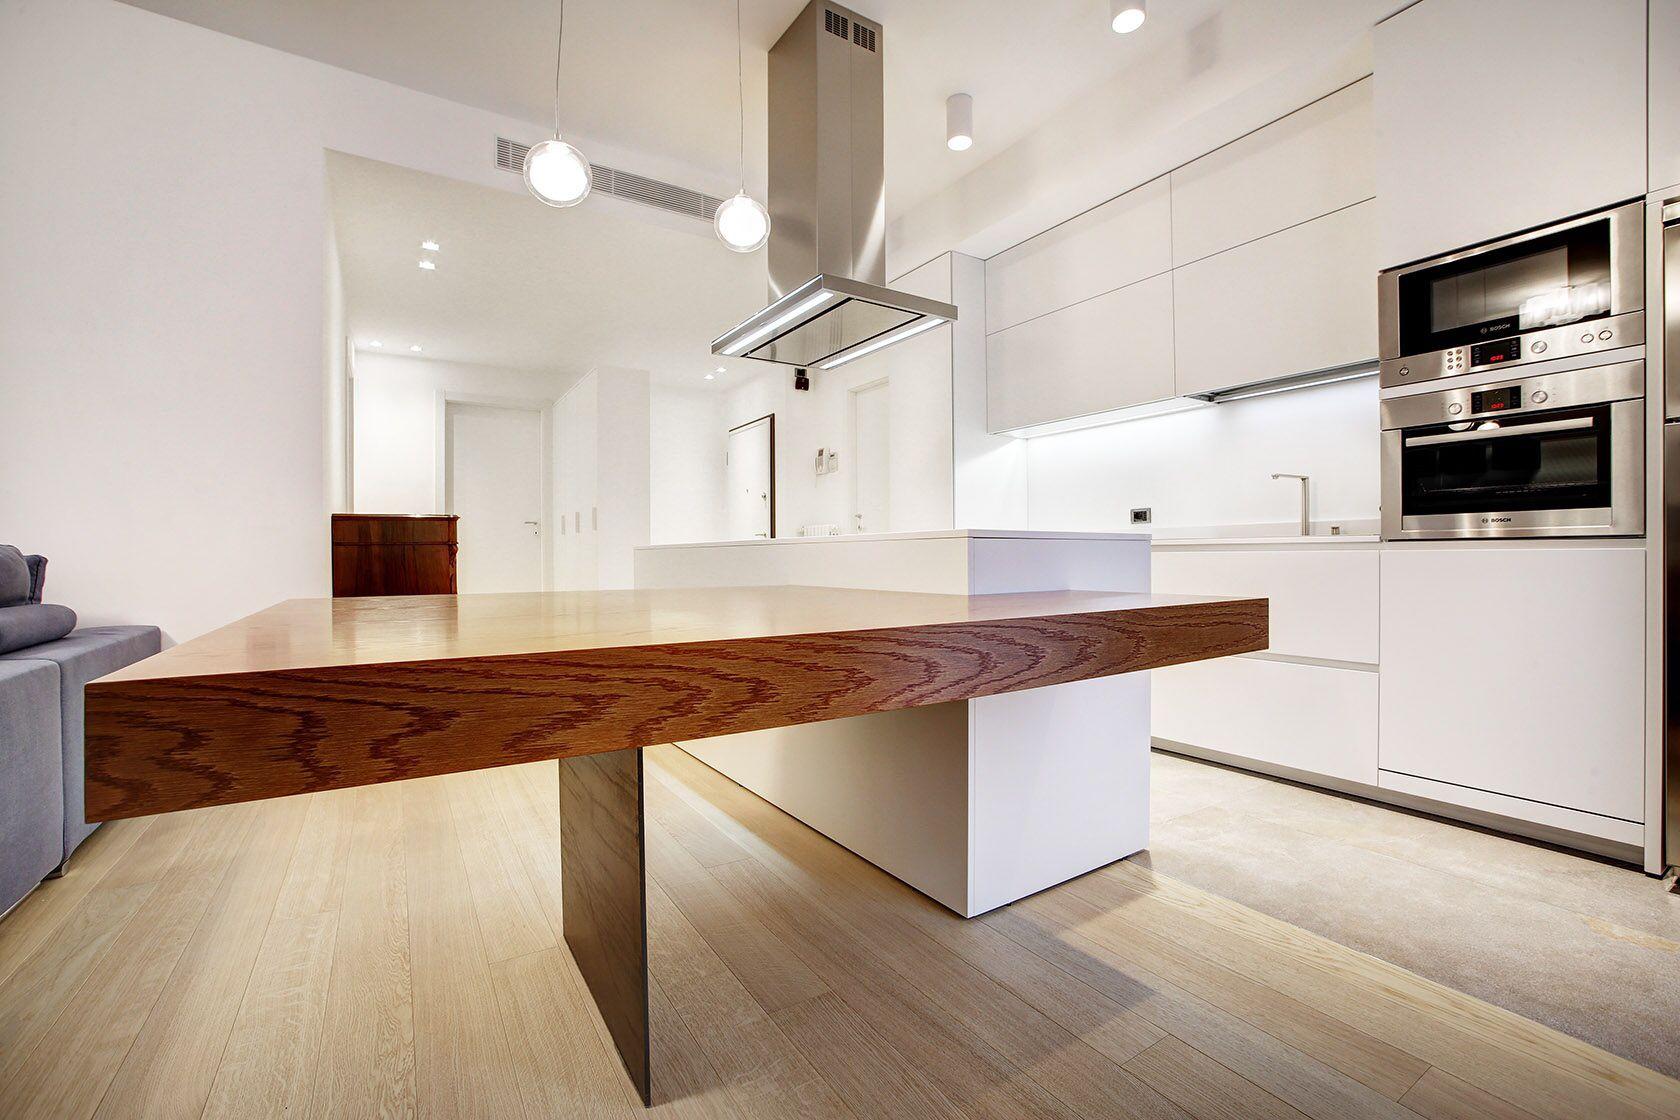 Ilot Central Ikea Occasion ~ Meucci Arredamento D Interni Cucina Snack Isola Bancone Tavolo